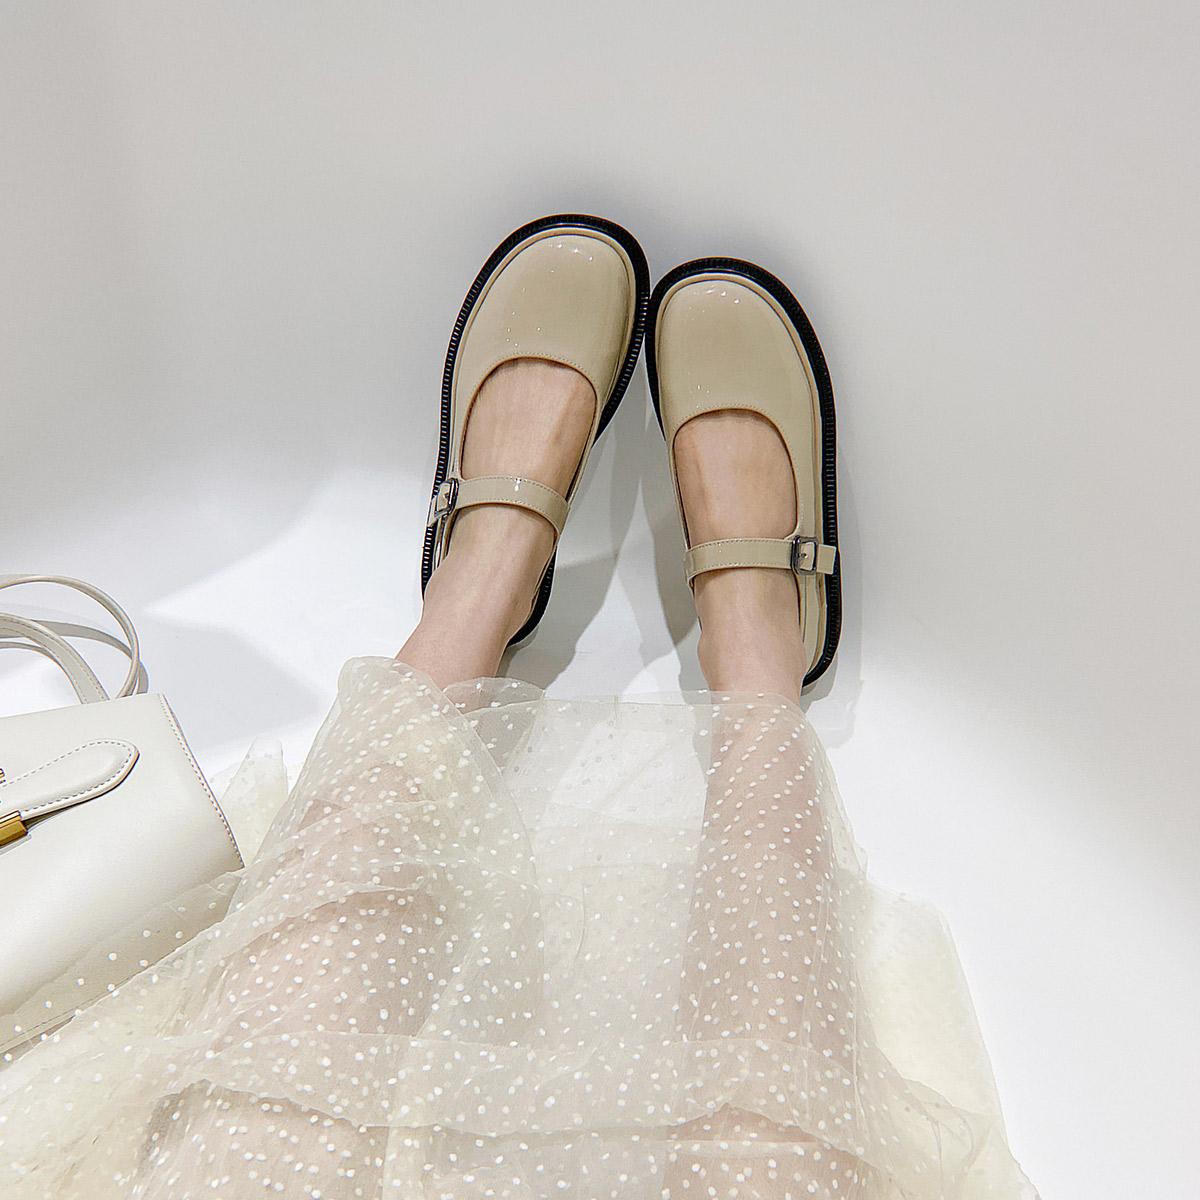 妙侣网红玛丽珍鞋女2020春季新款少女平底鞋复古ins一字带单鞋潮